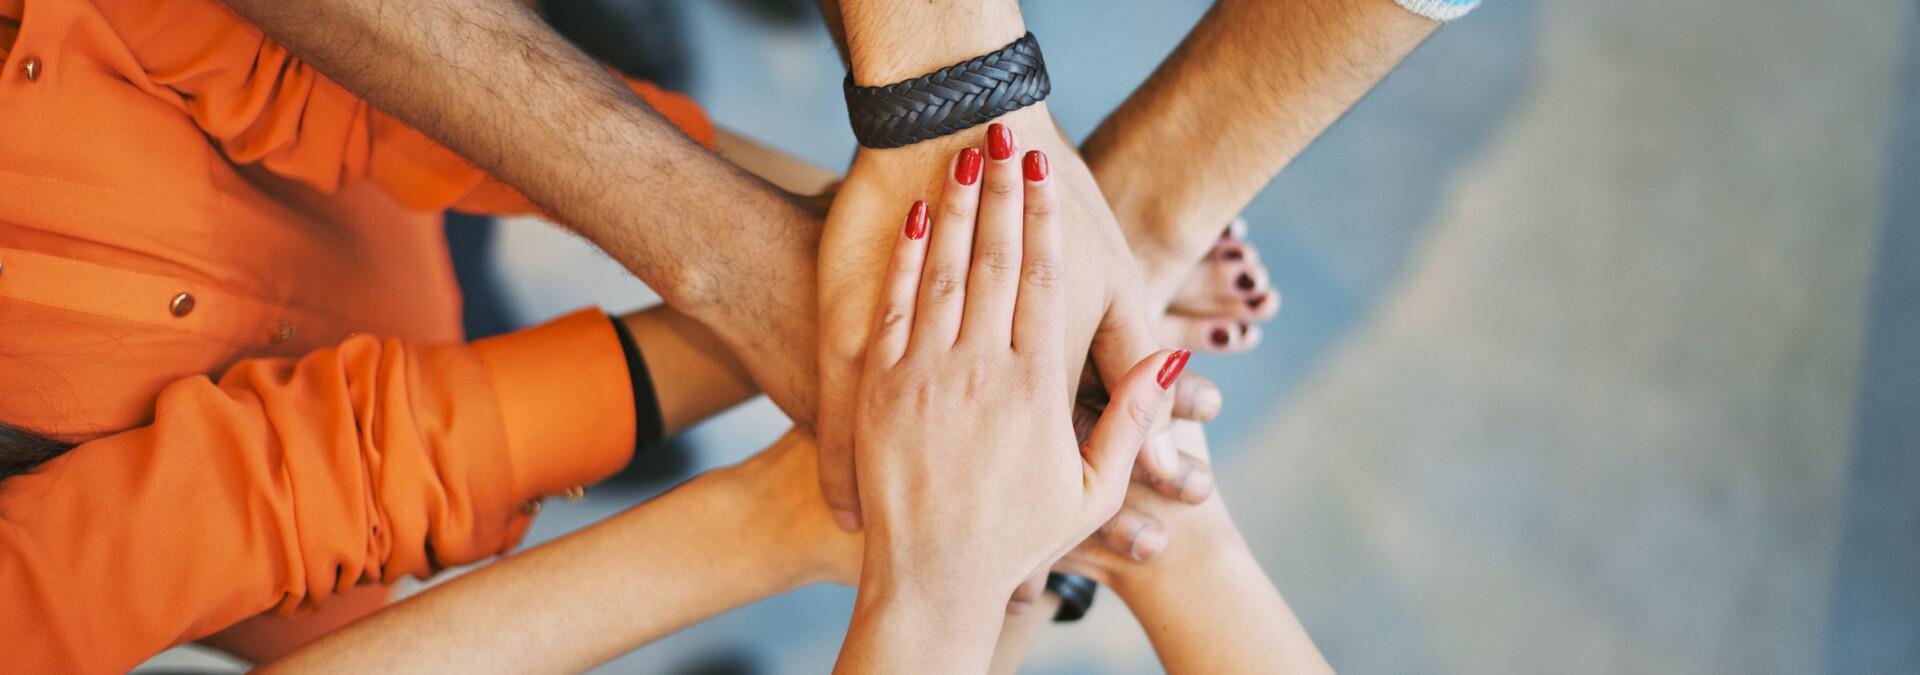 teamwork_stack_of_hands